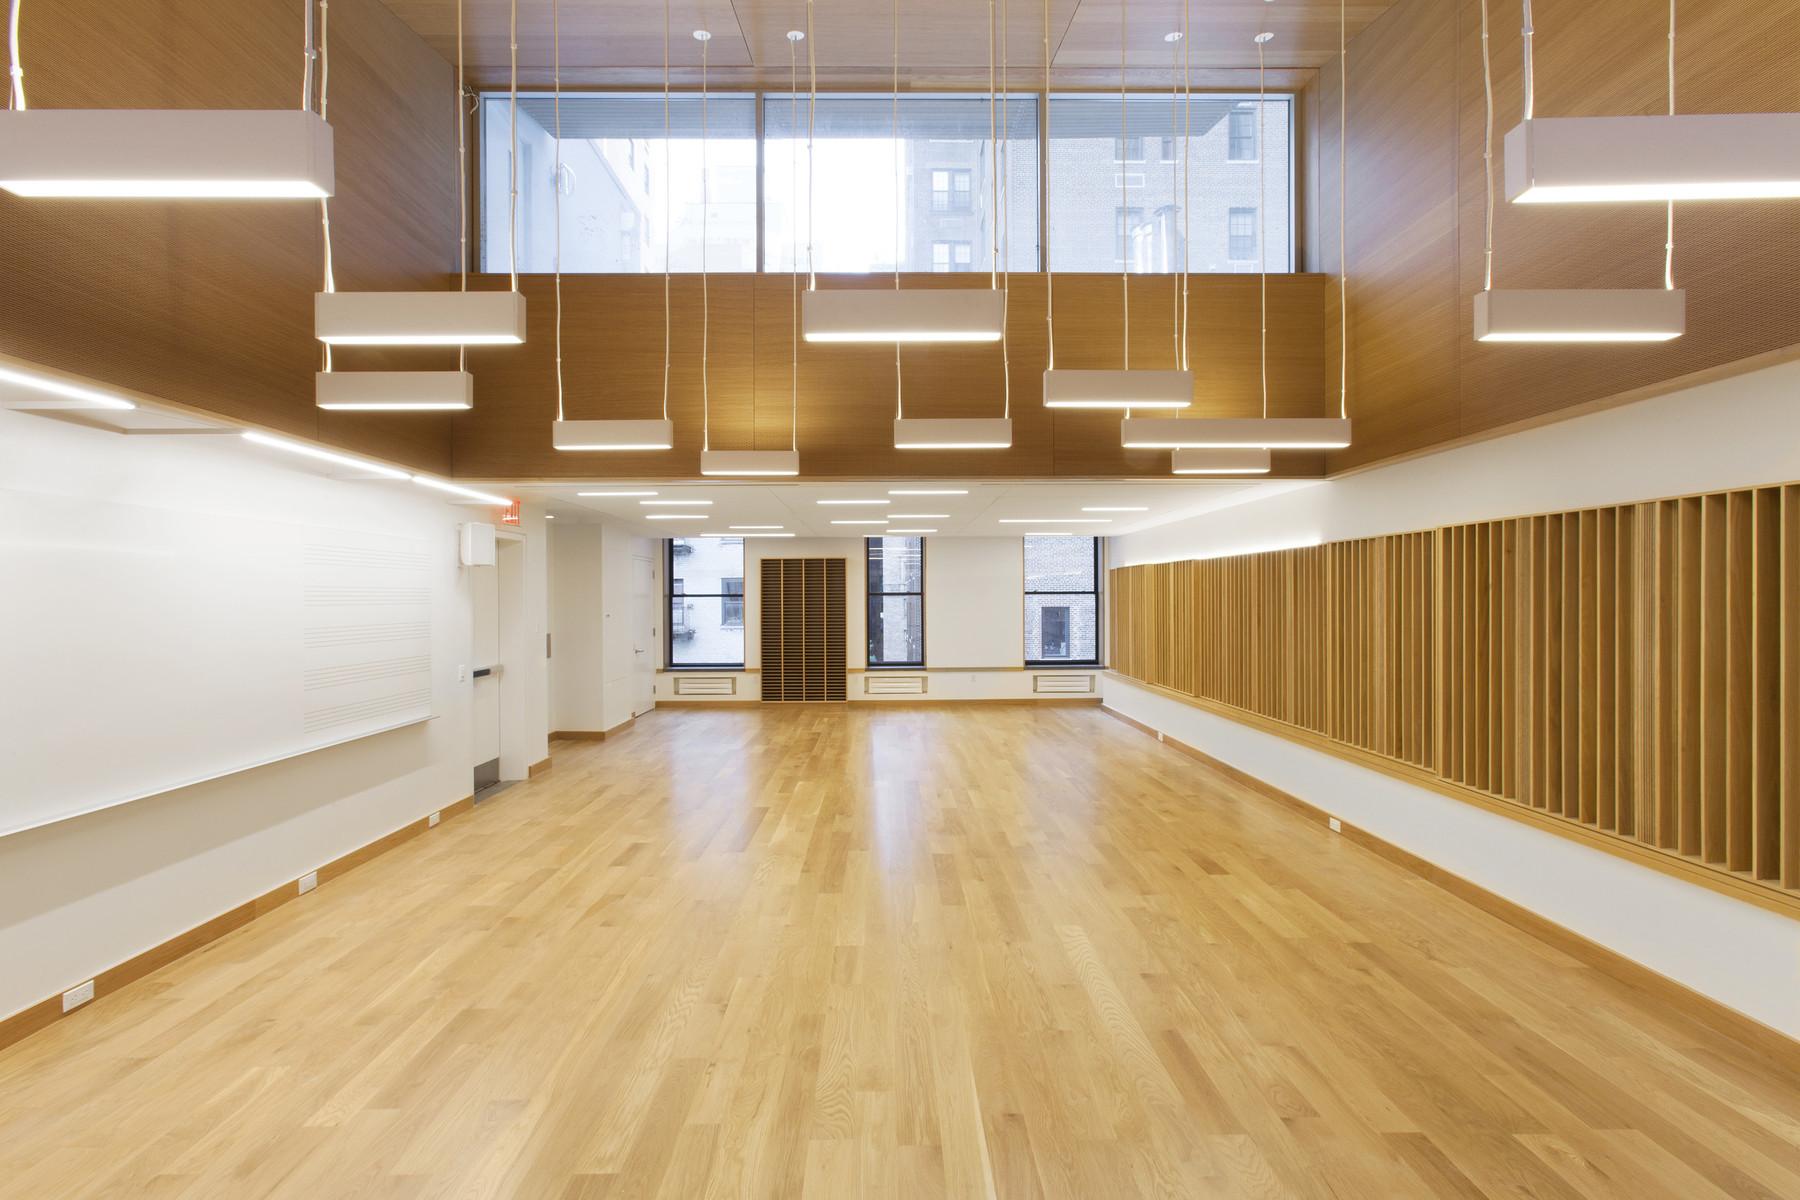 The Buckley School Arts and Sciences Building